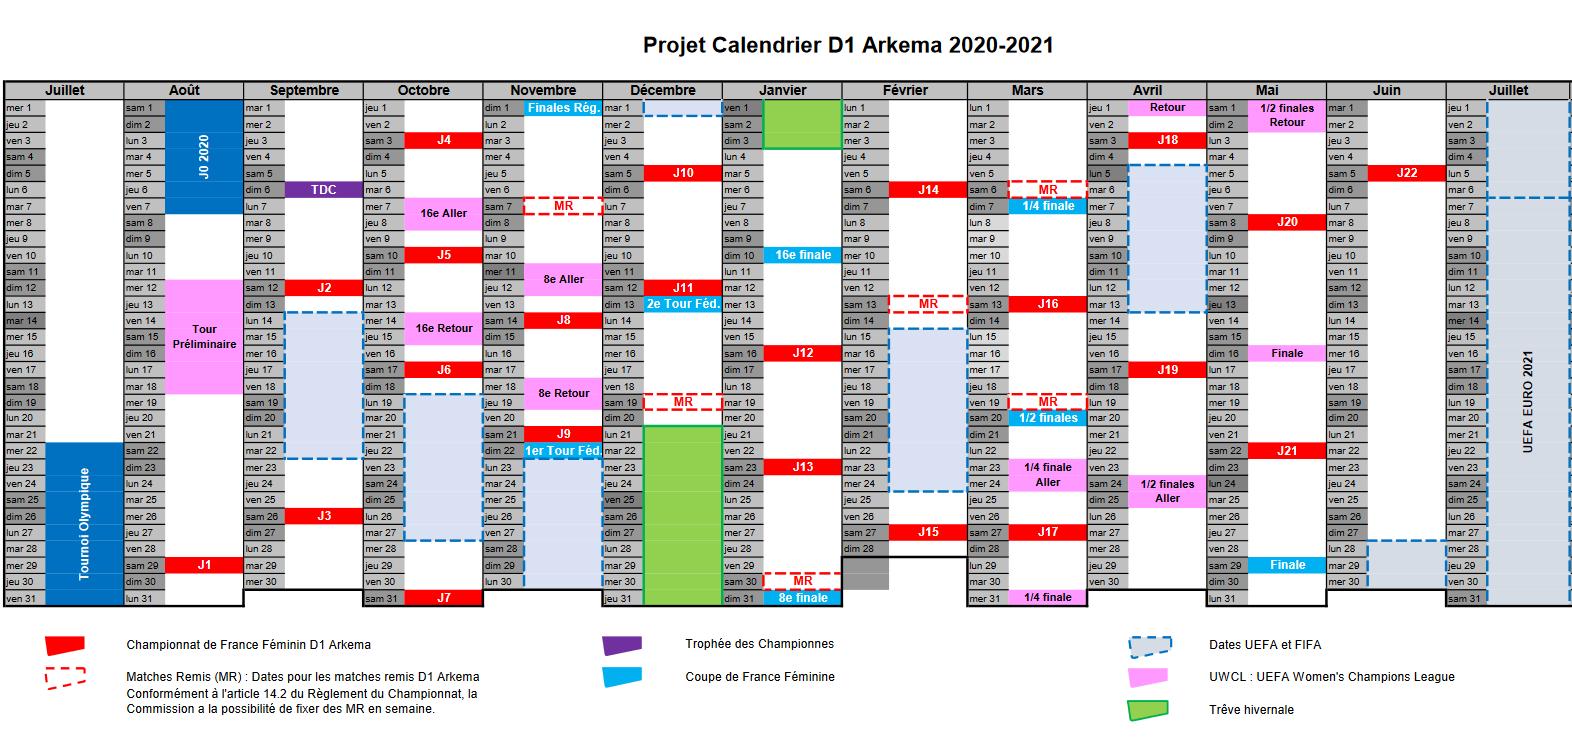 D1Arkema   Un projet de calendrier pour la saison 2020 2021 validé